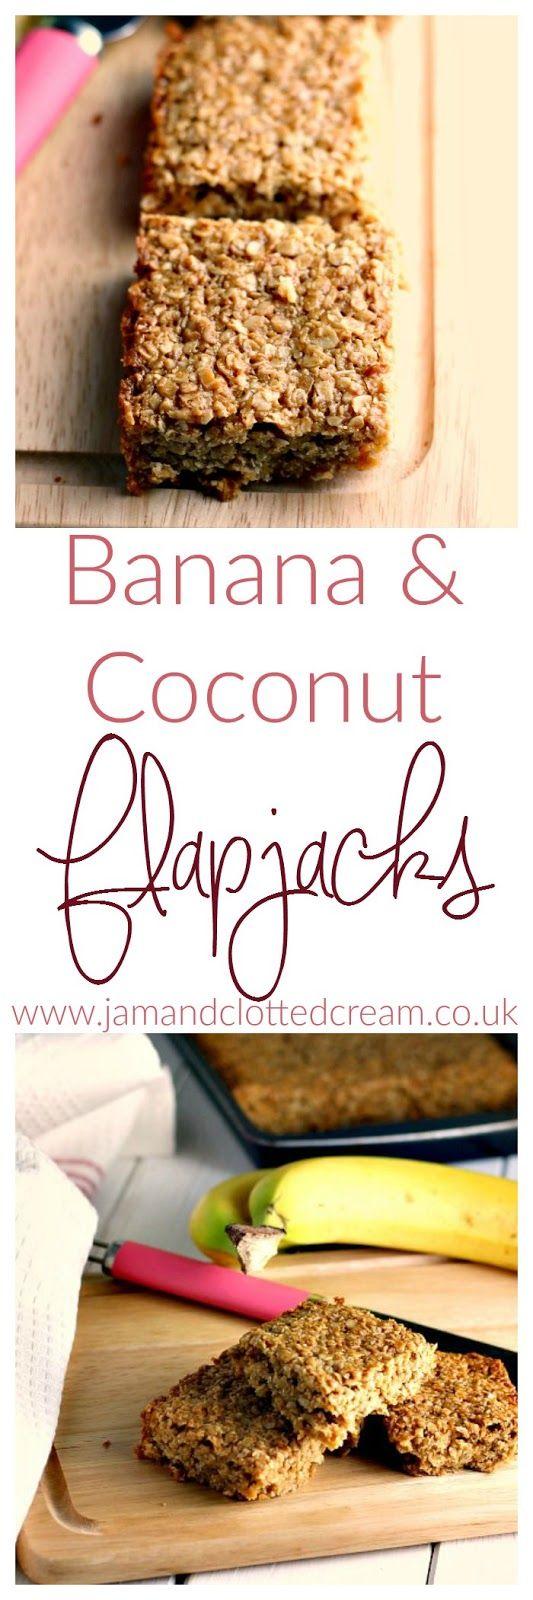 Banana and Coconut Flapjacks